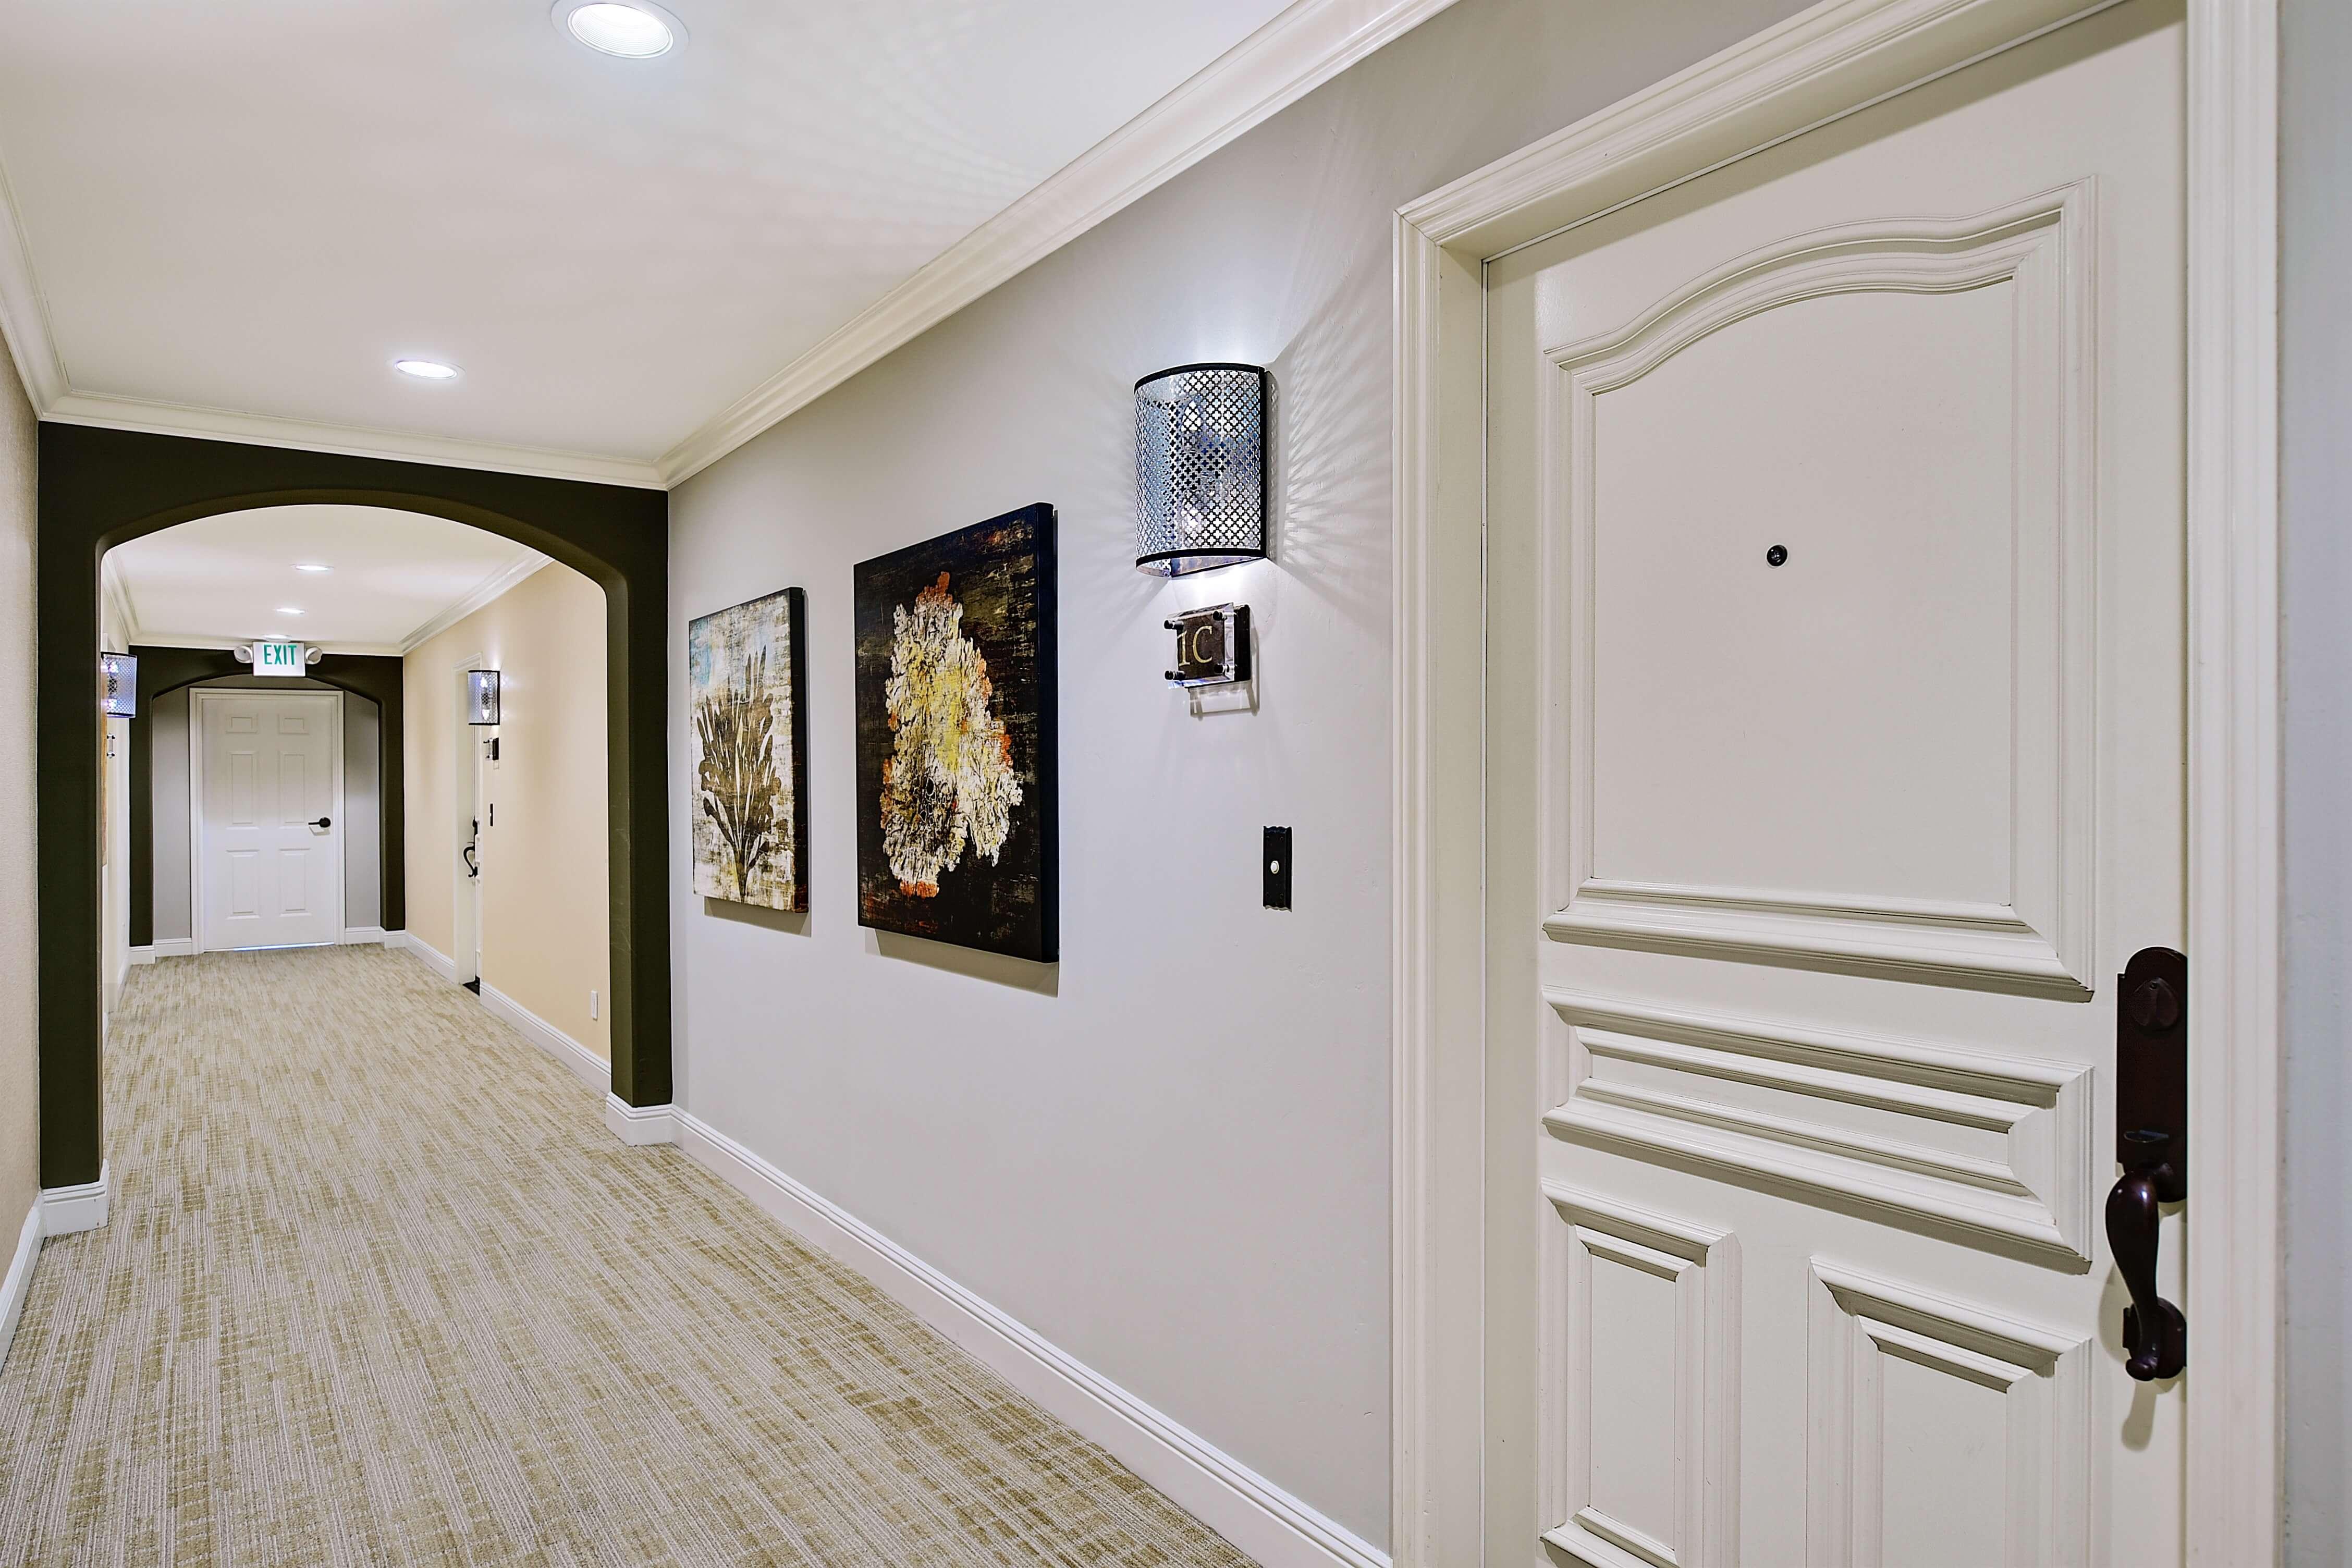 Interior condominium entrance